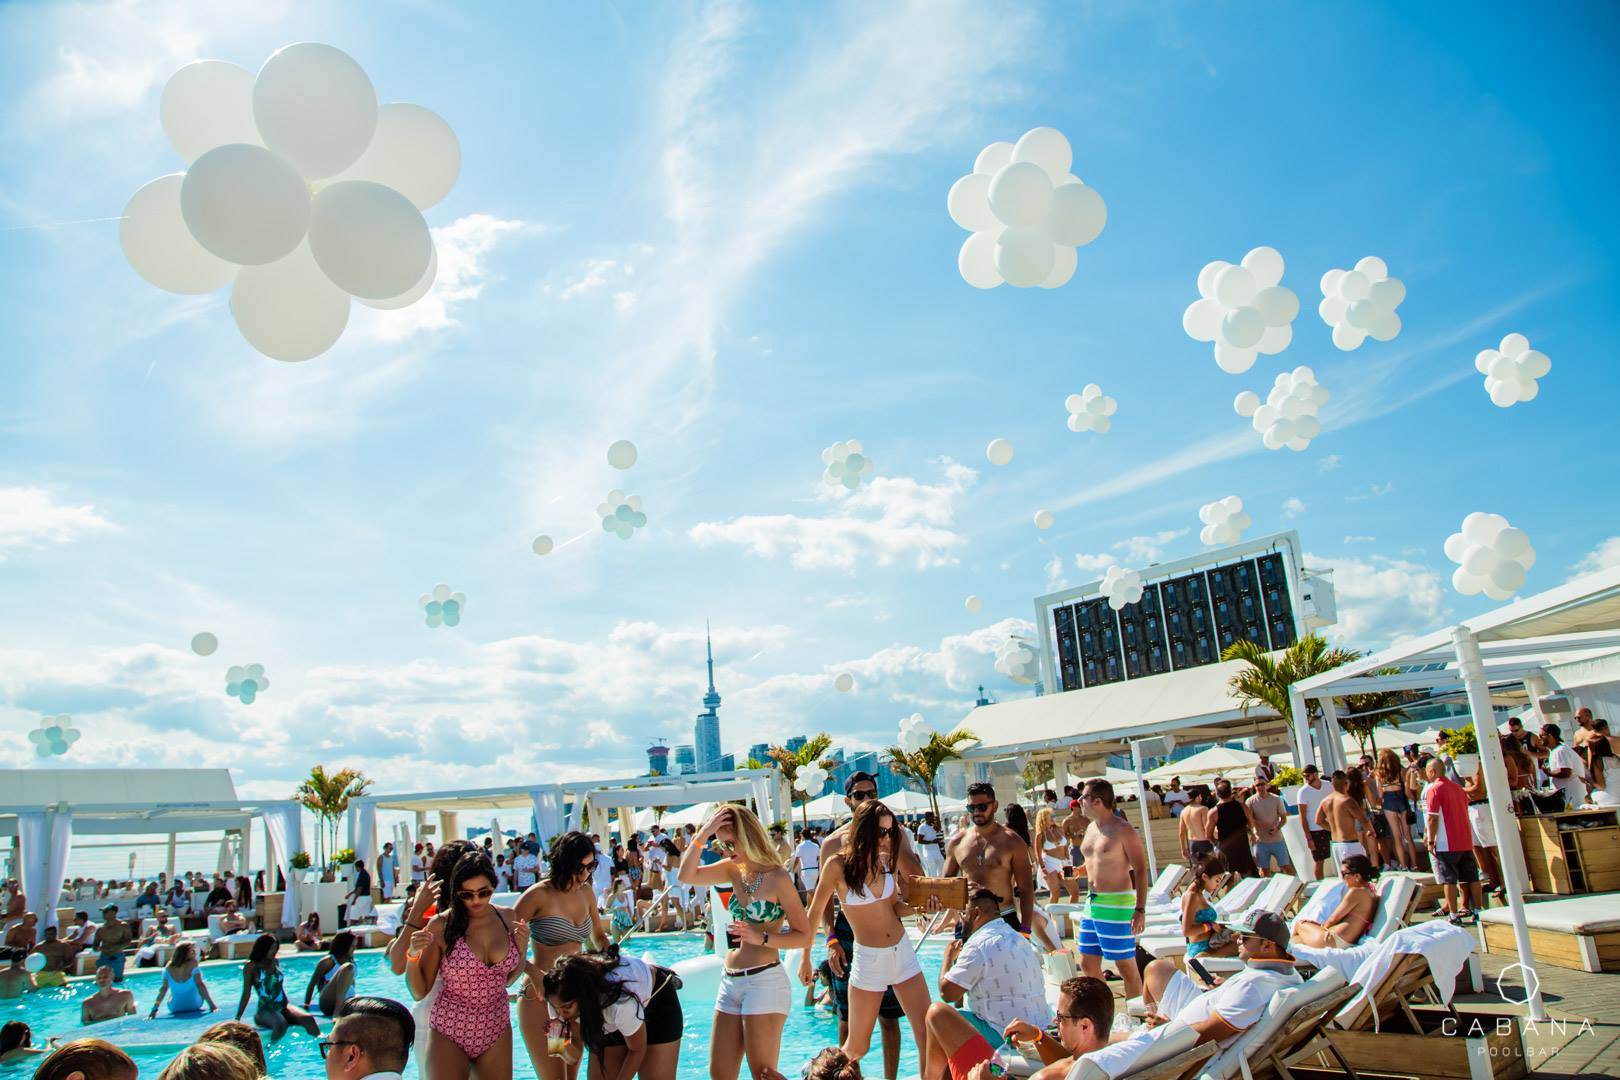 Cabana Pool Bar patio